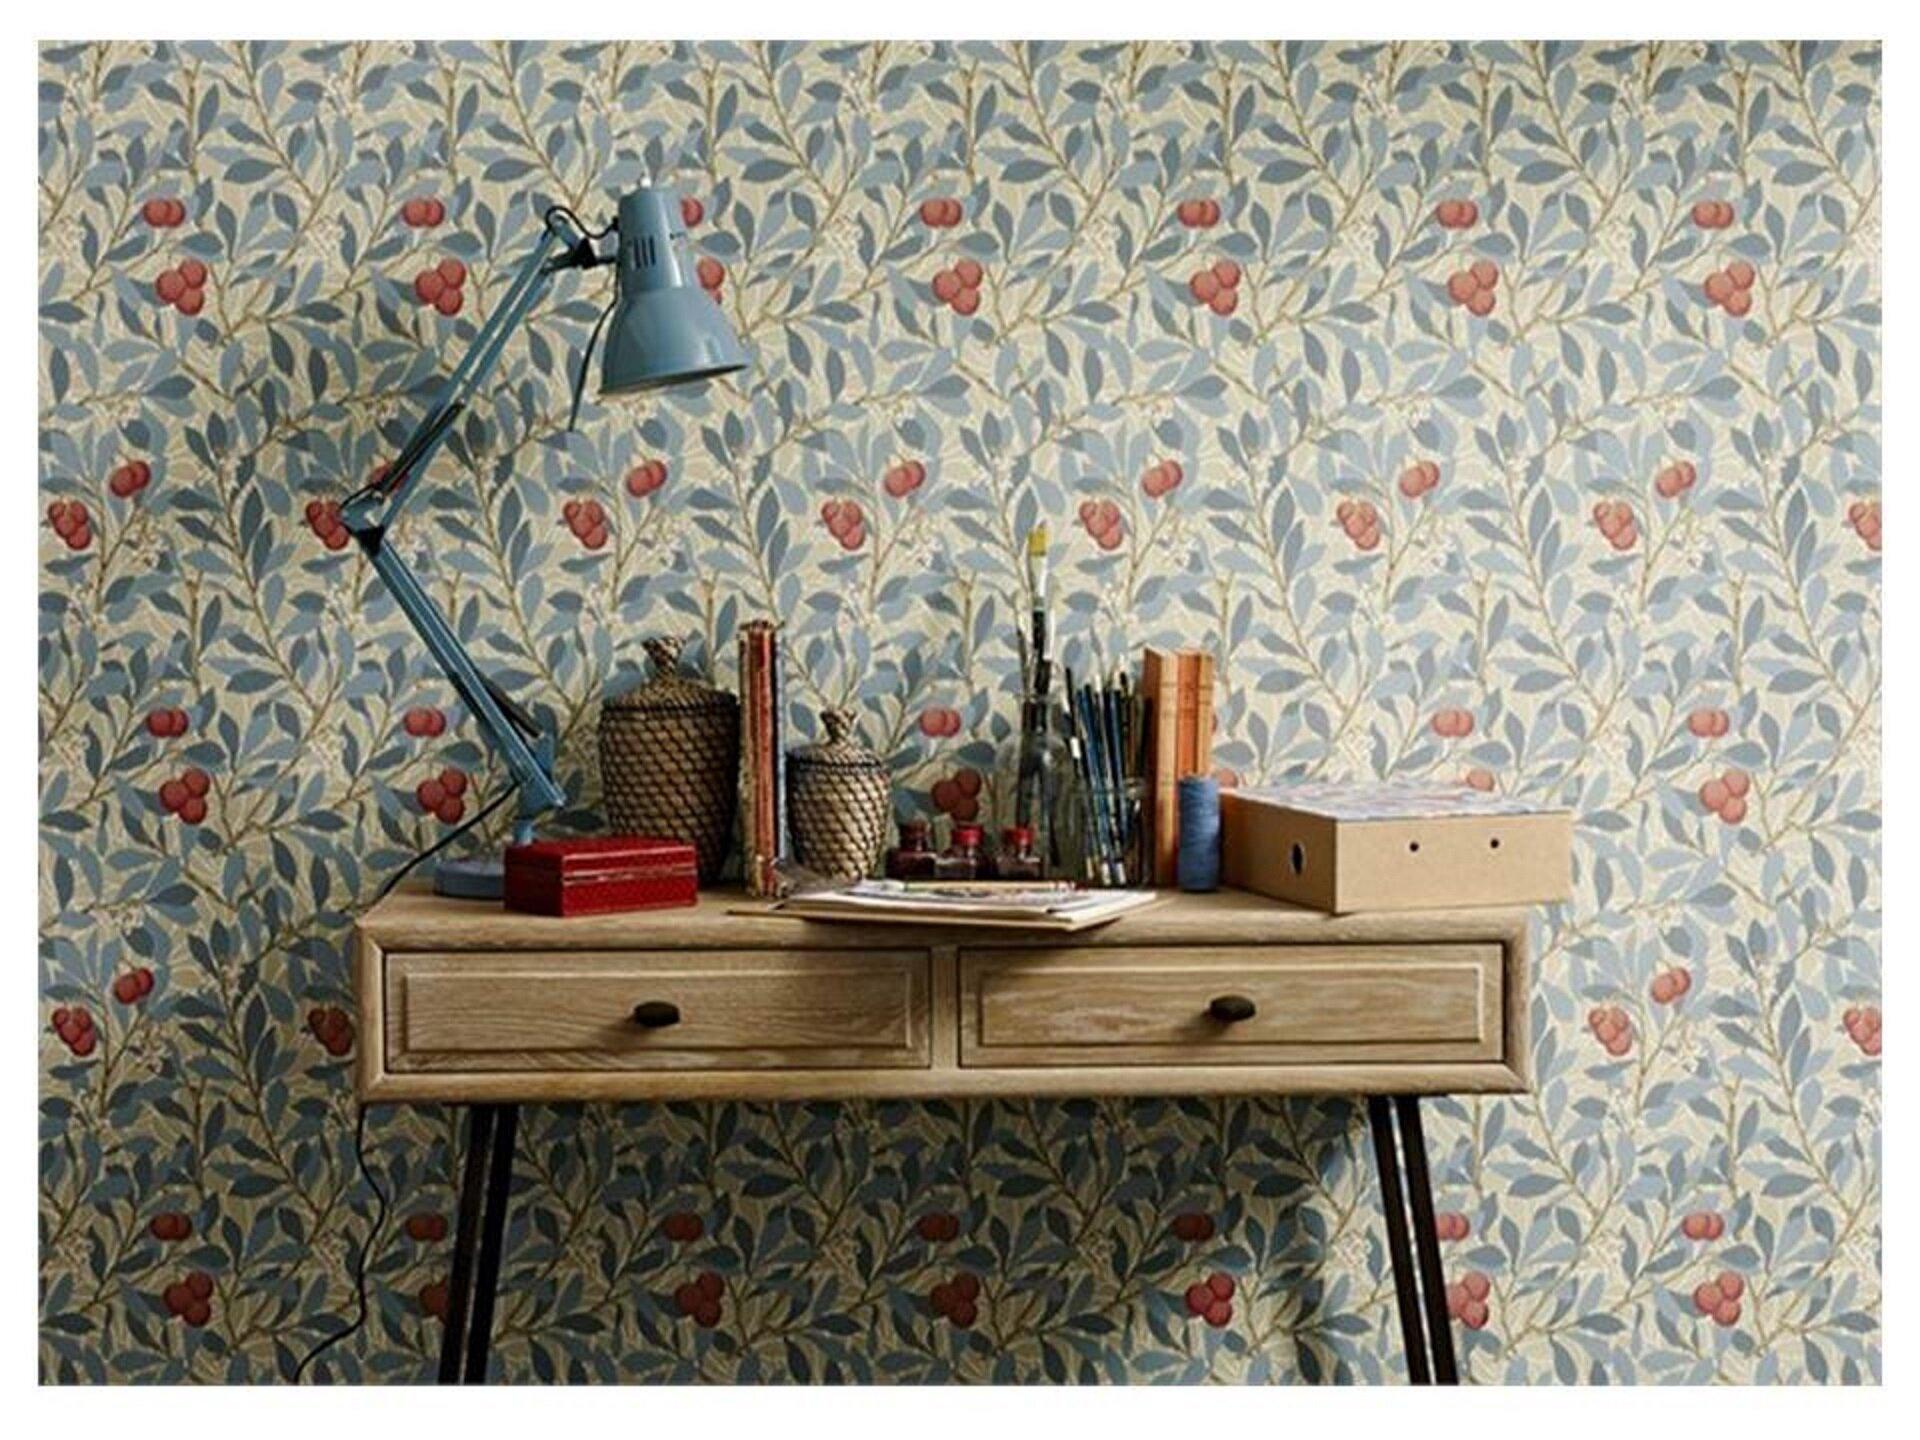 Ilustracja przedstawia tapetę Williama Morrisa we współczesnym wnętrzu. Na tapecie możemy zobaczyć liczne gałęzie, których liście są wkolorze niebieskim. Na poszczególnych gałązkach widnieją również owoce krzewów. Na fotografii widzimy także biurku ustawione pod ścianą, znajduje się na nim lampka, karton, kubek zołówkami oraz kartki papieru.